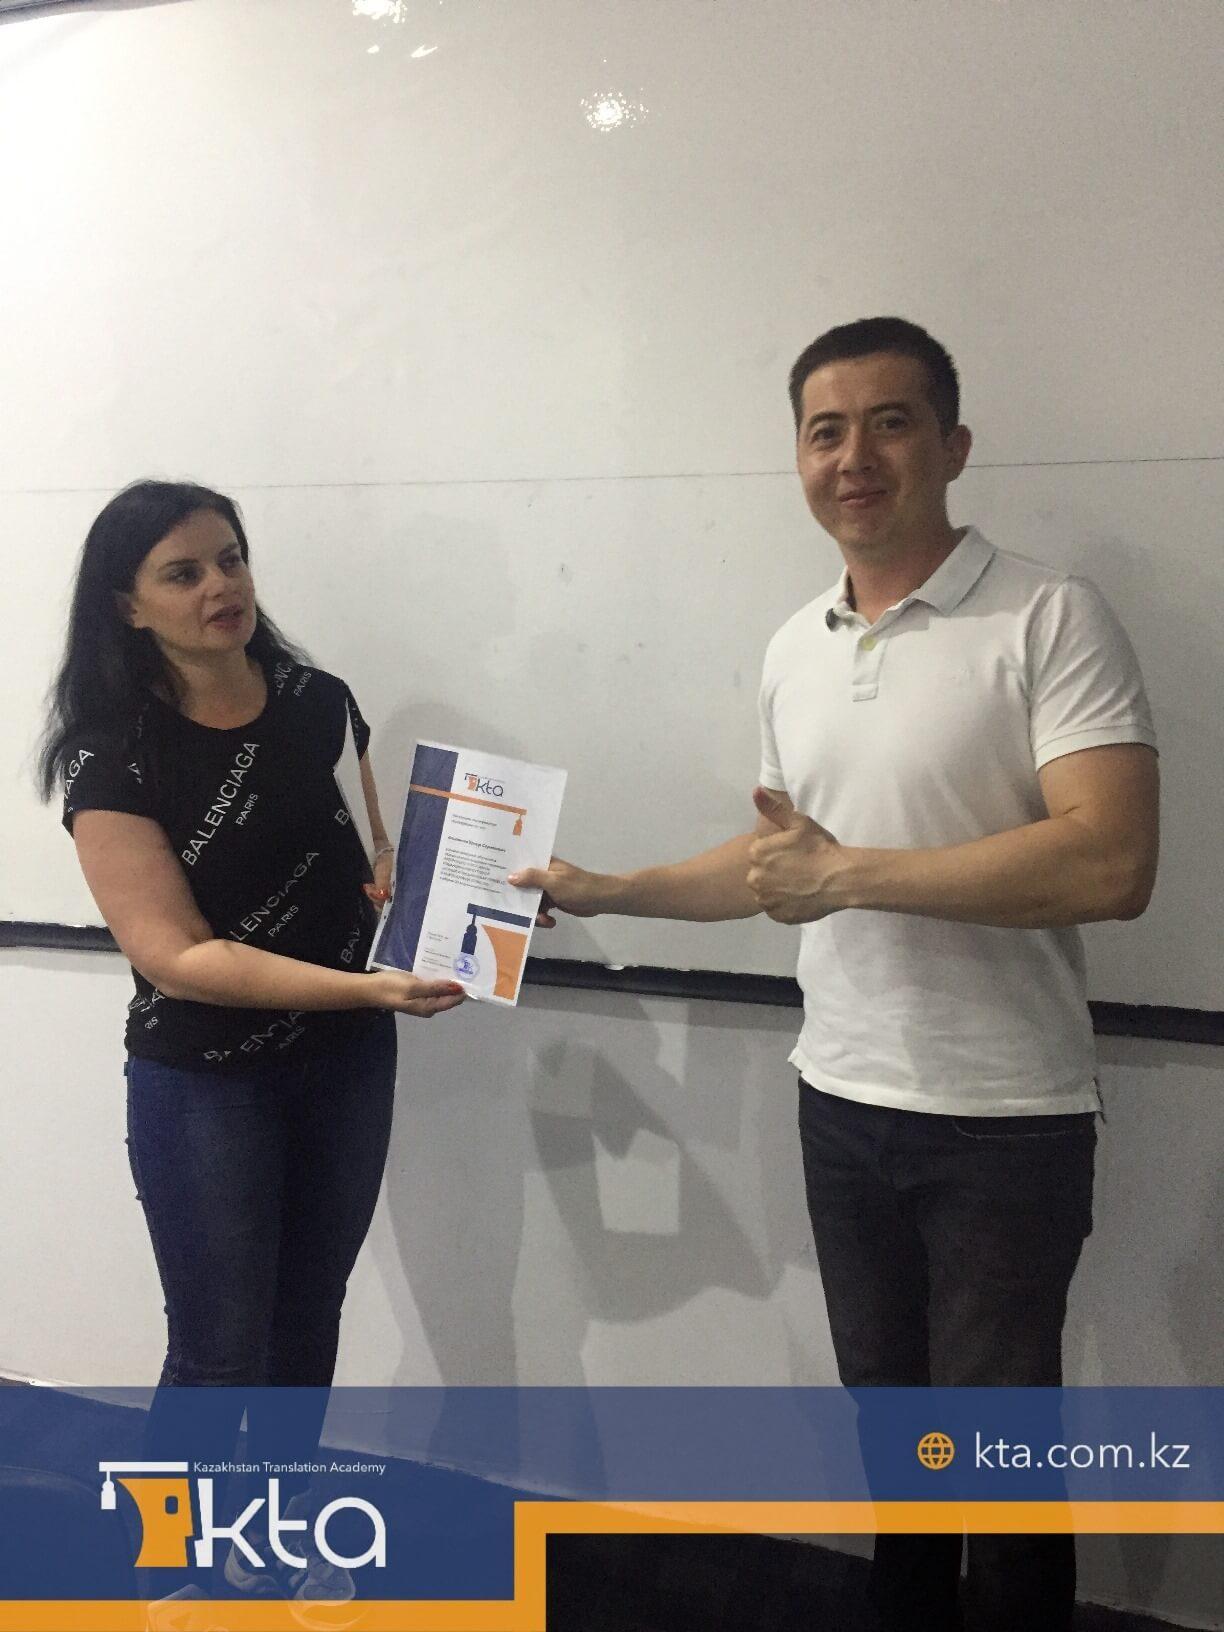 Вручение сертификатов о прохождении курса перевода в нефтегазовой отрасли Анны Беркутовой